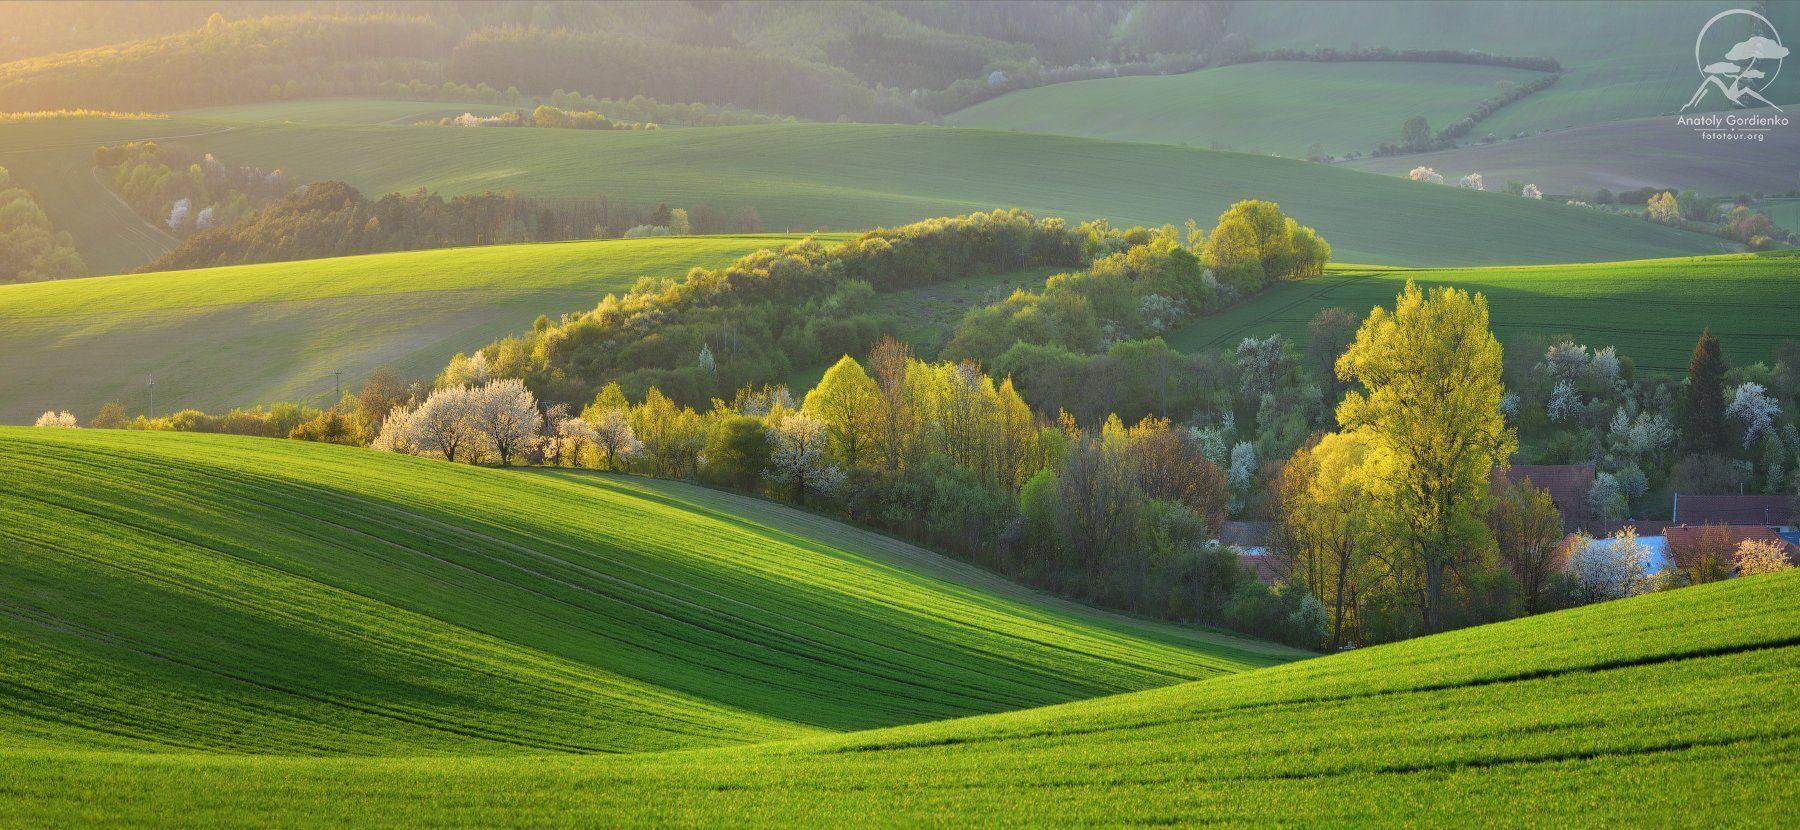 , Анатолий Гордиенко www.fototour.org